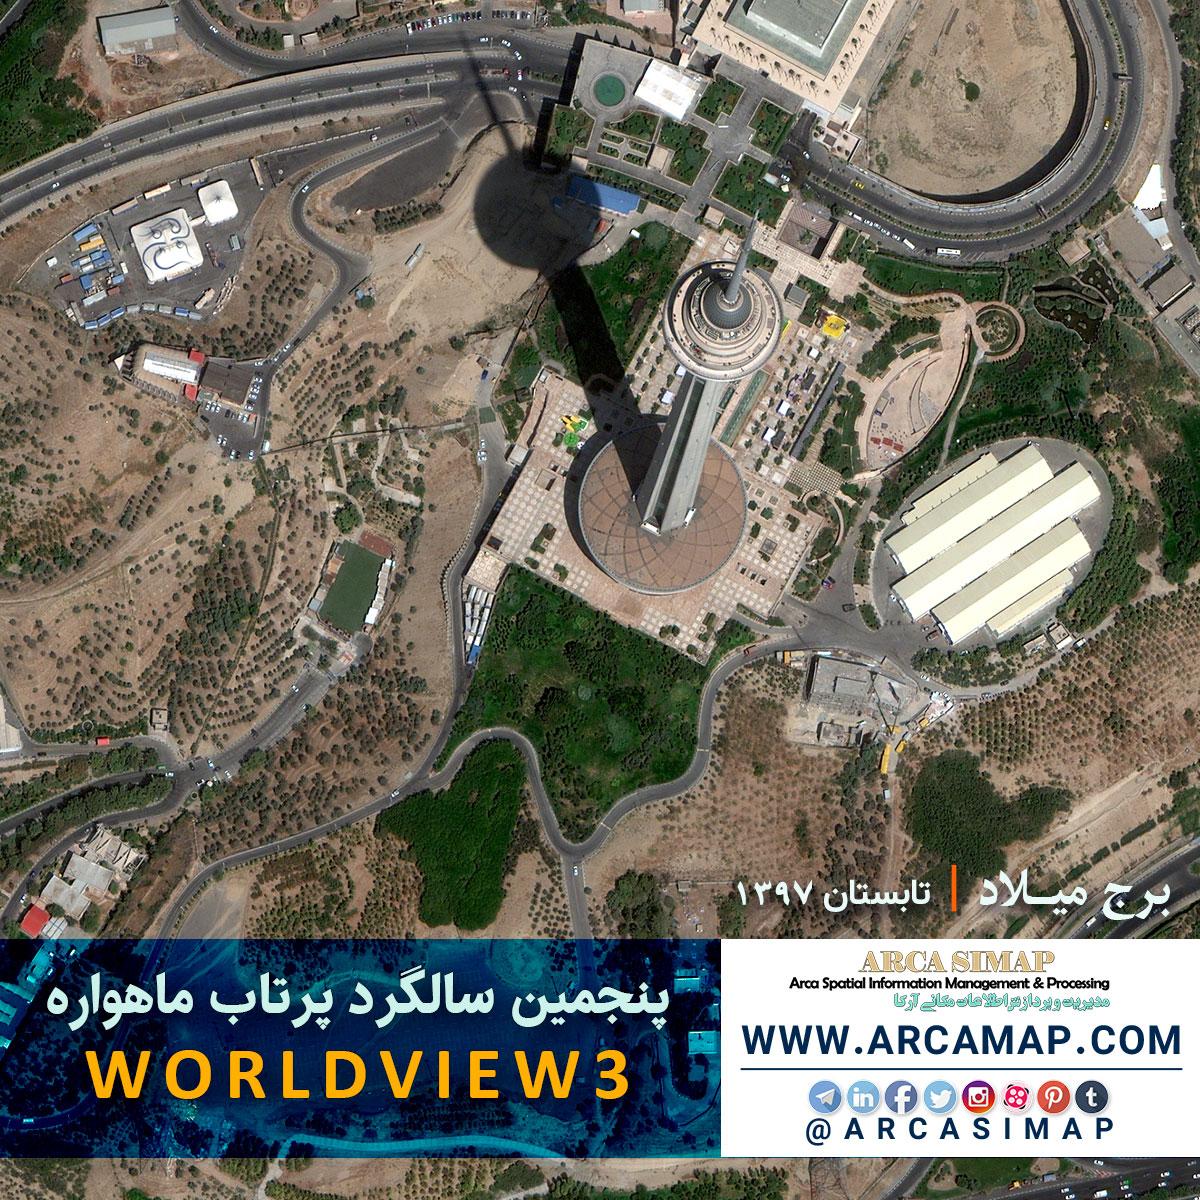 تصویر ماهواره ای برج میلاد